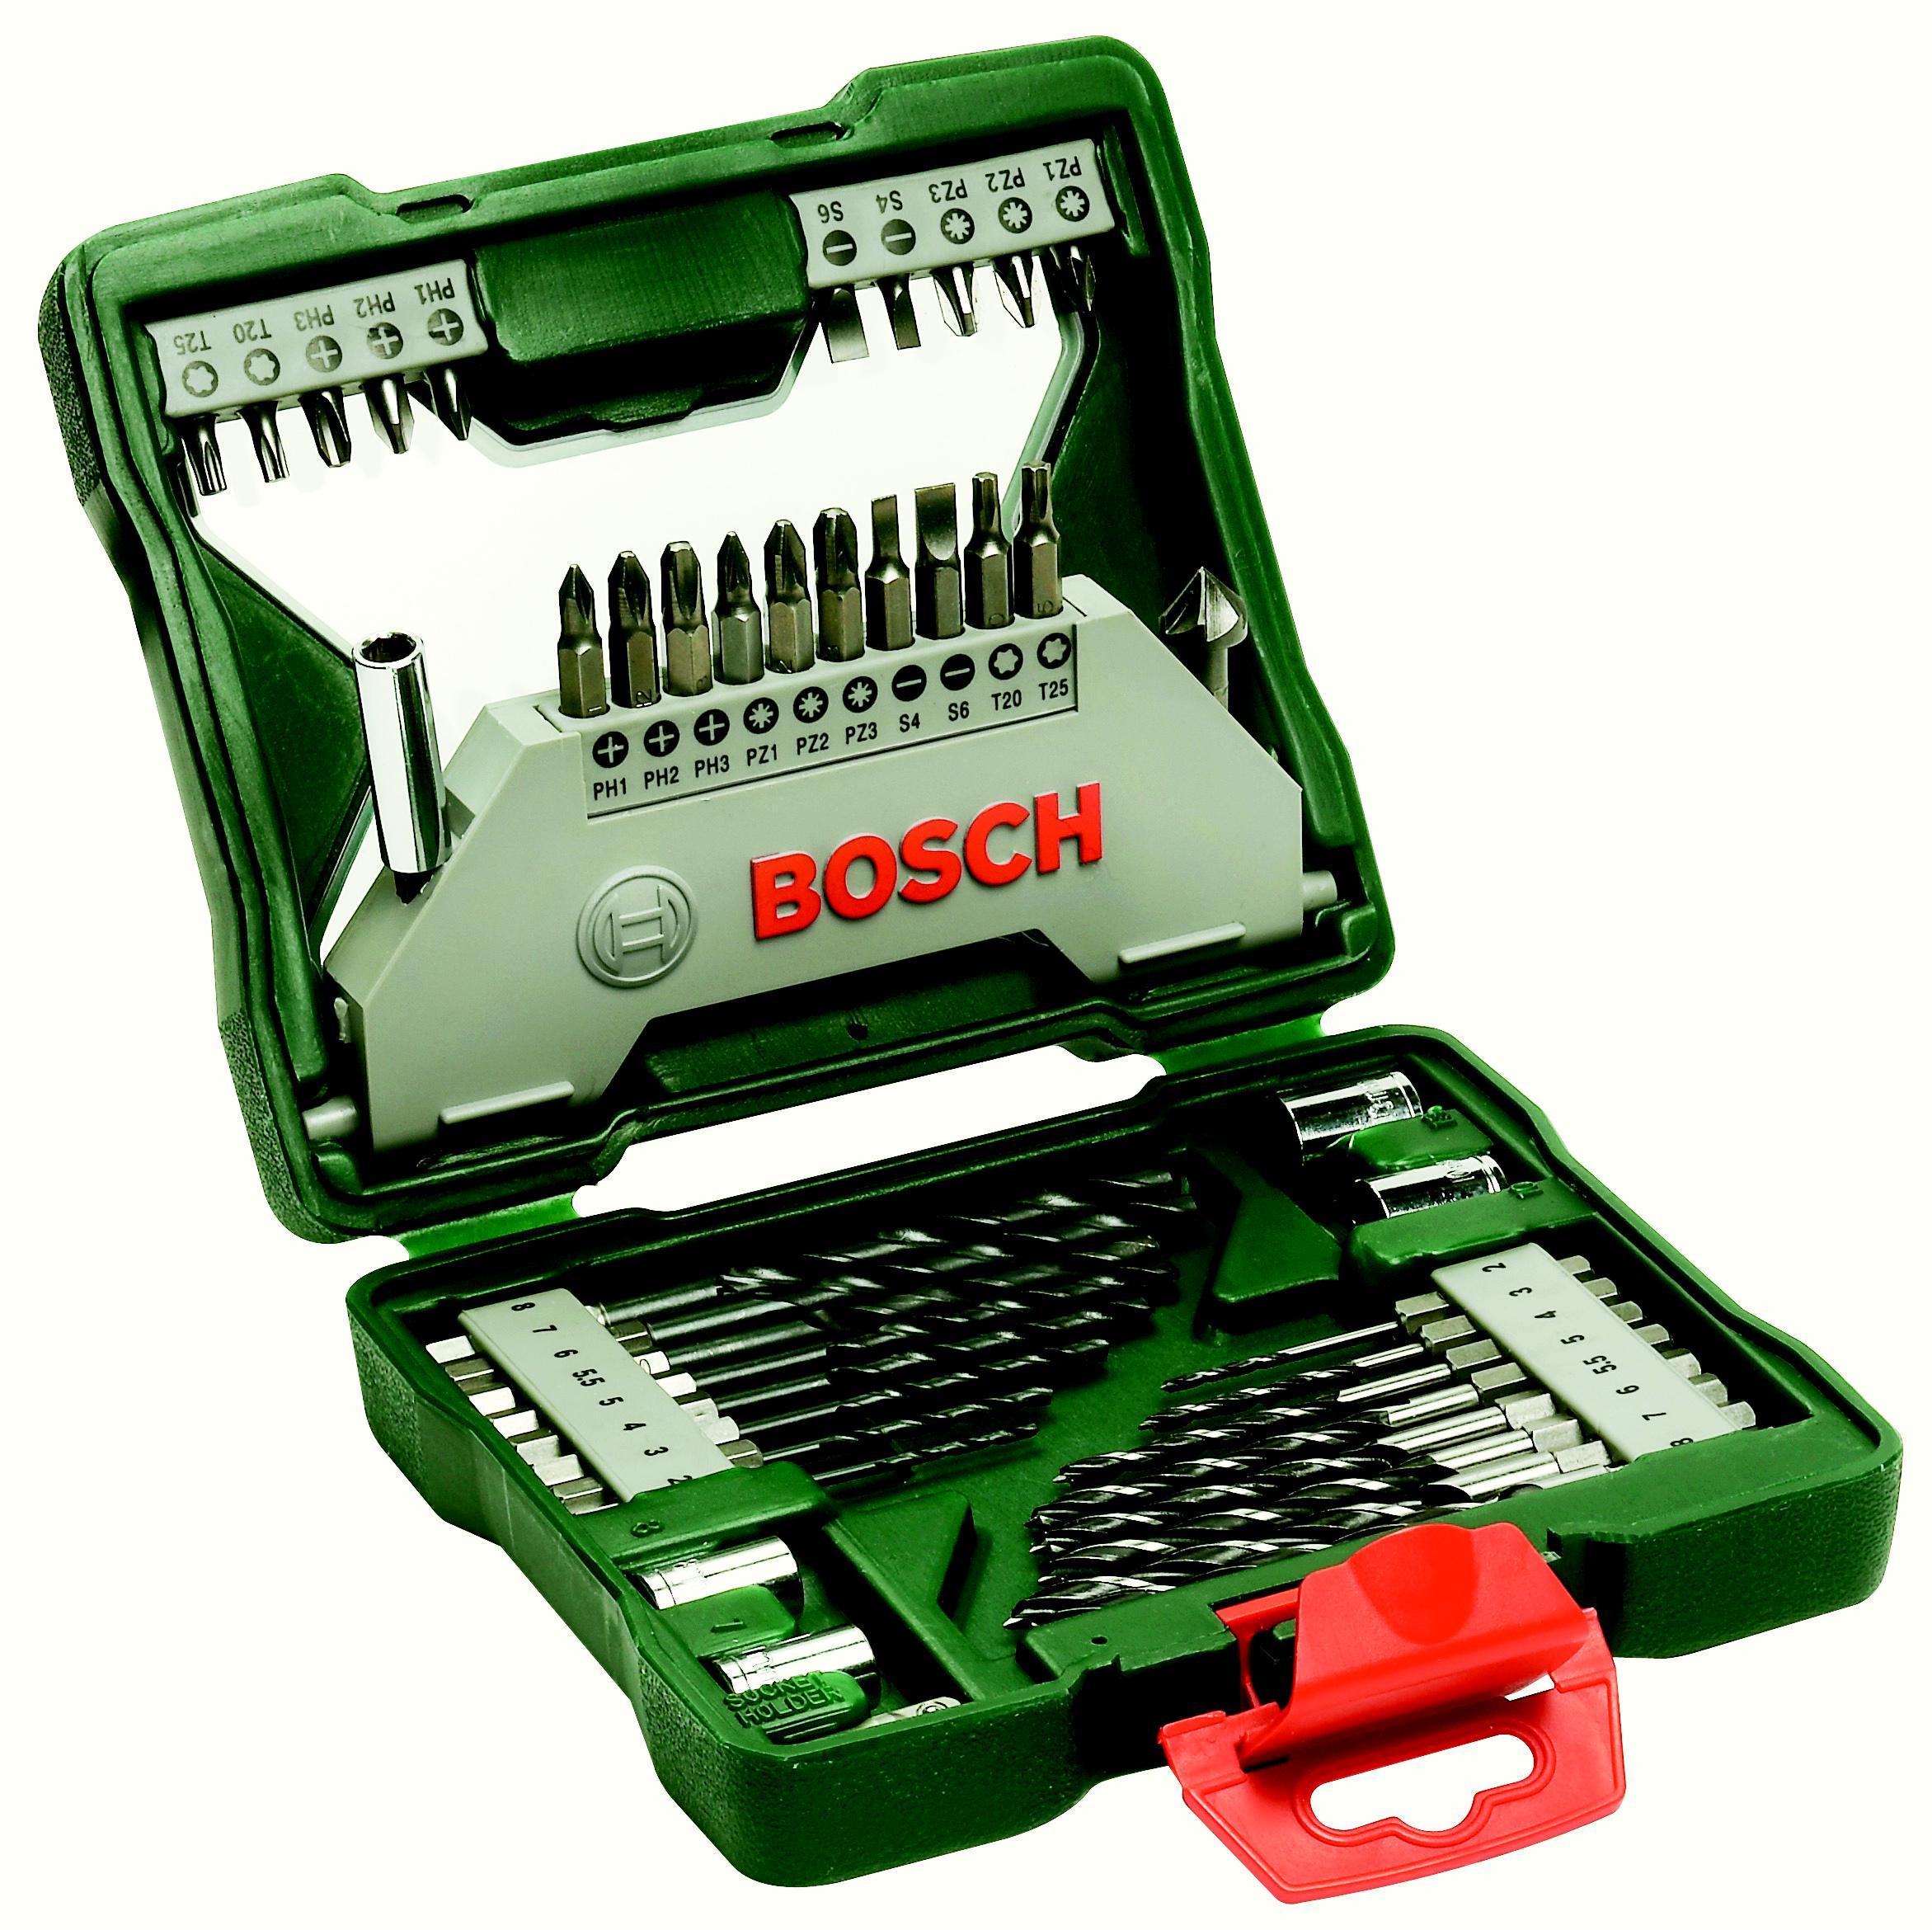 Набор бит и сверл Bosch X-line 43 шестигранный (2.607.019.613) набор сверл bosch x line 100 100 предметов 2607019330